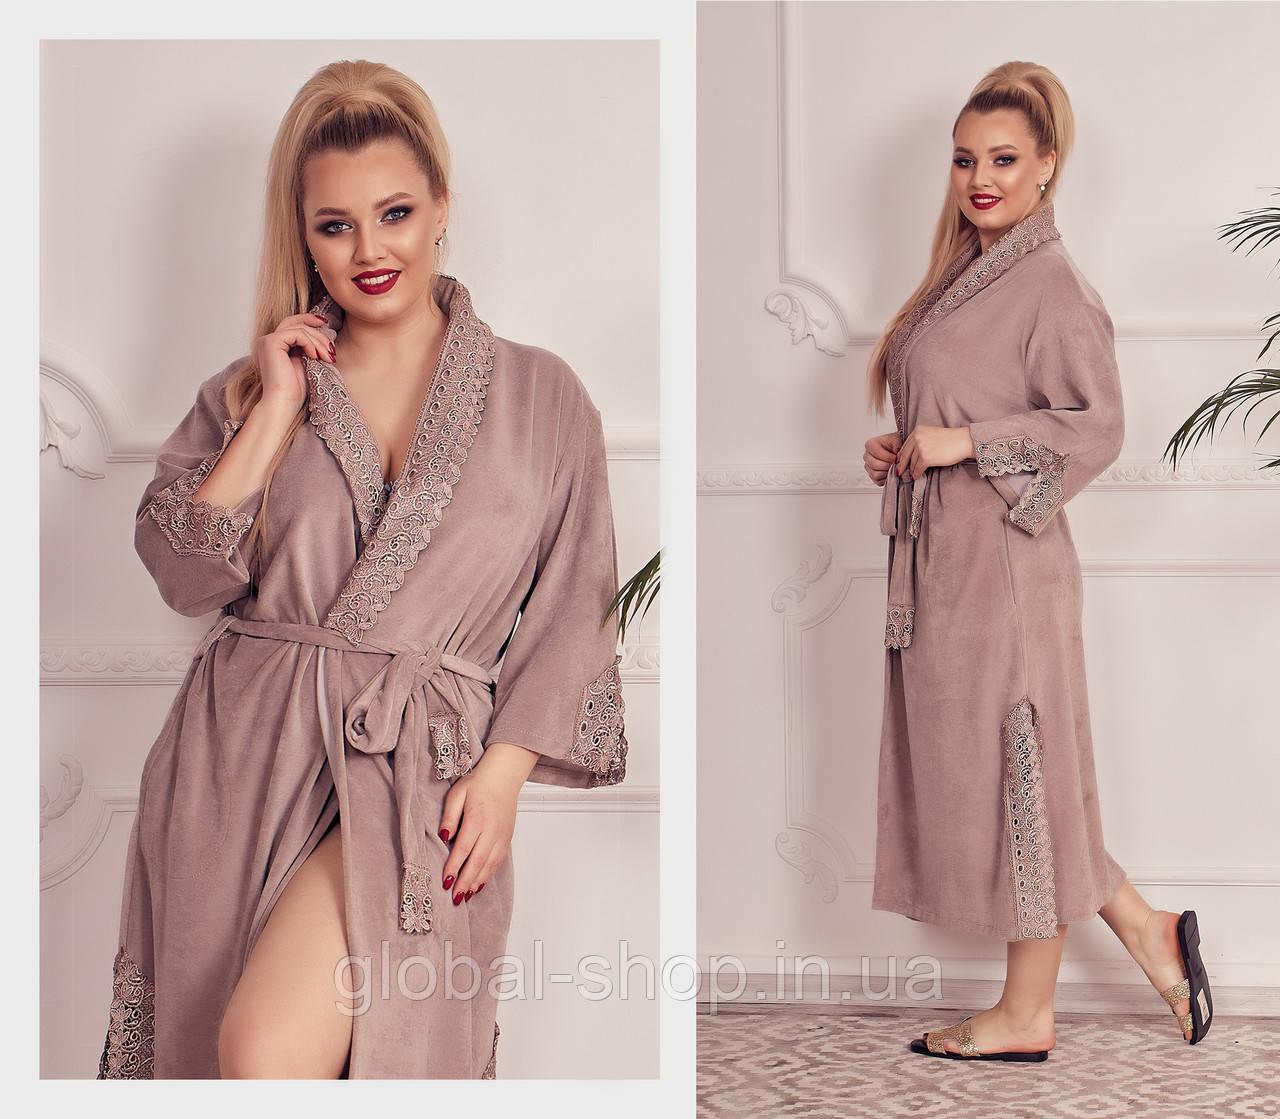 Женский велюровый халат , Цвета: пудра,бежевый,молочный,нежно розовый,  код 0182